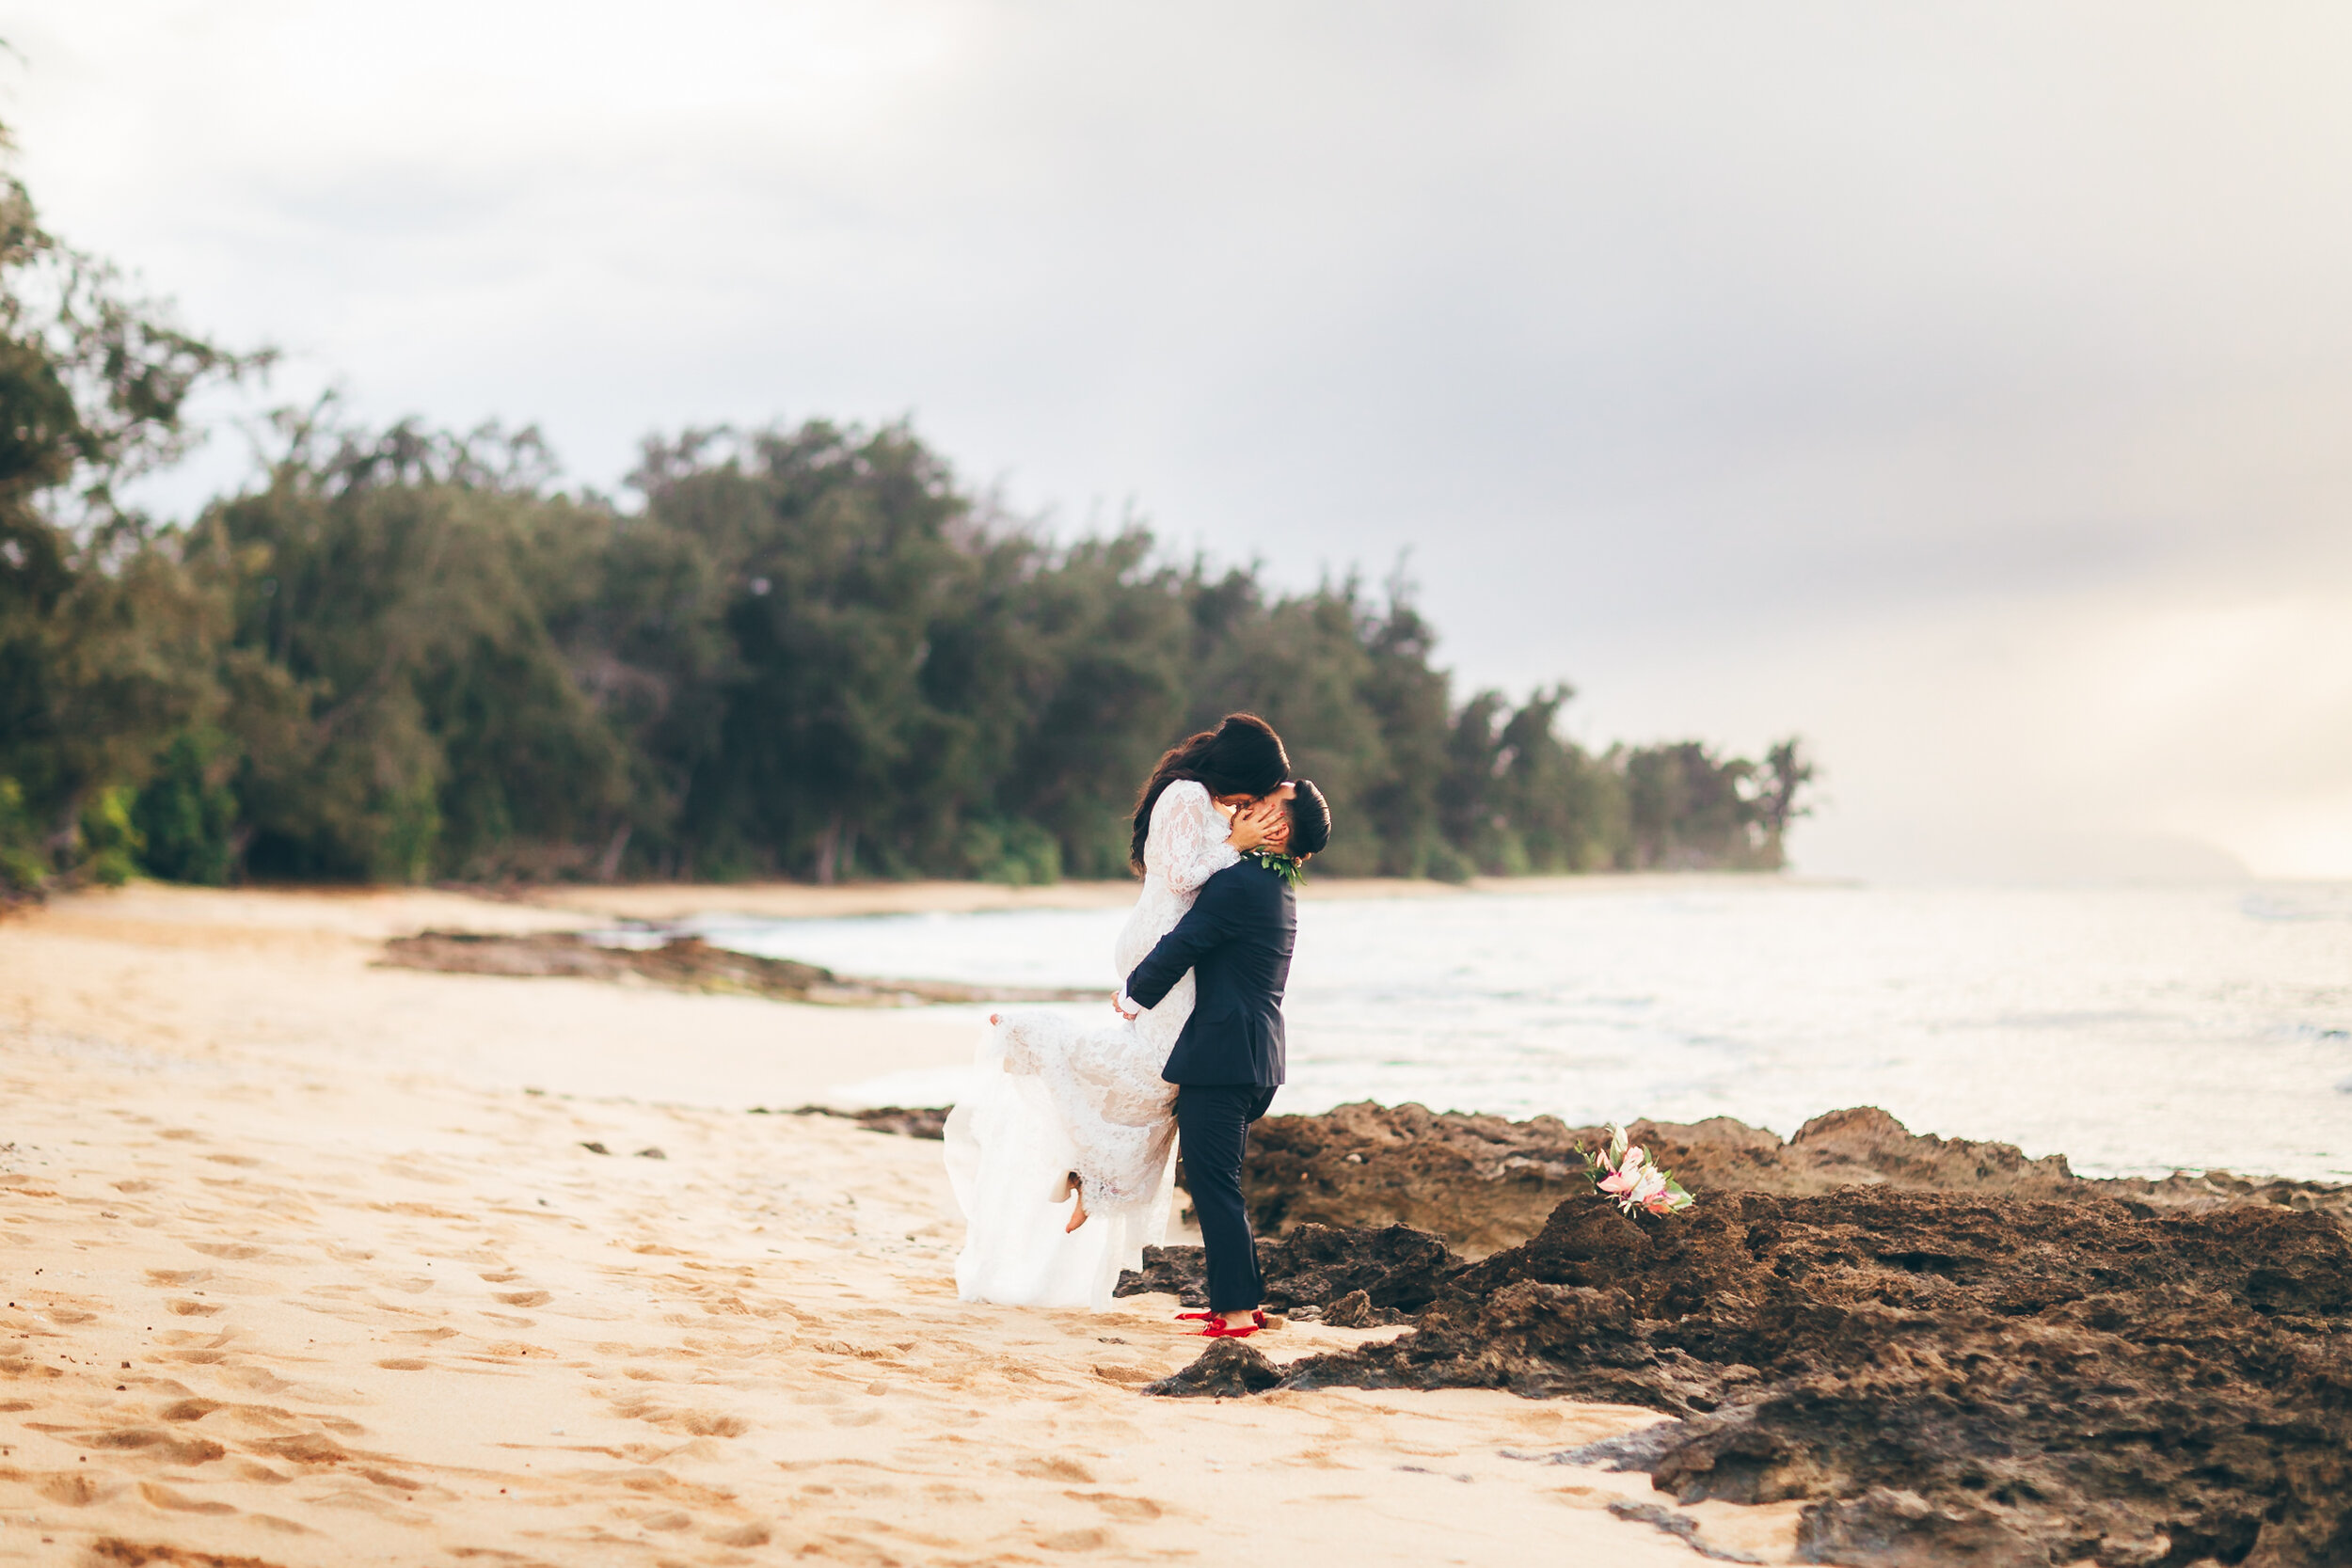 Loulu Palm Wedding - North shore hawaii destination wedding